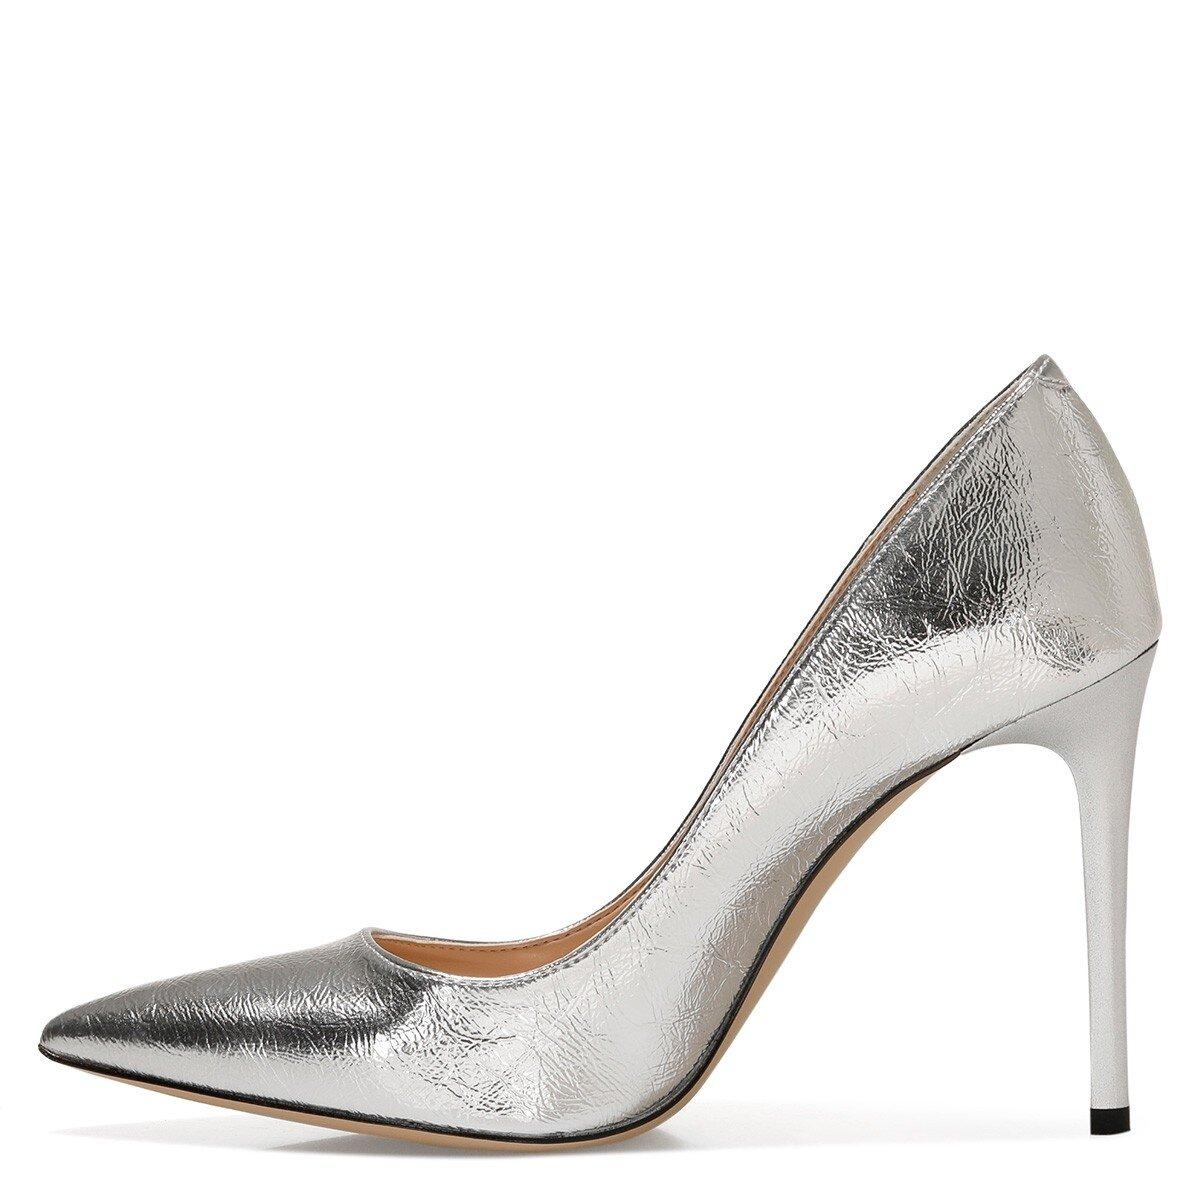 SUNDE 1FX Gümüş Kadın Gova Ayakkabı